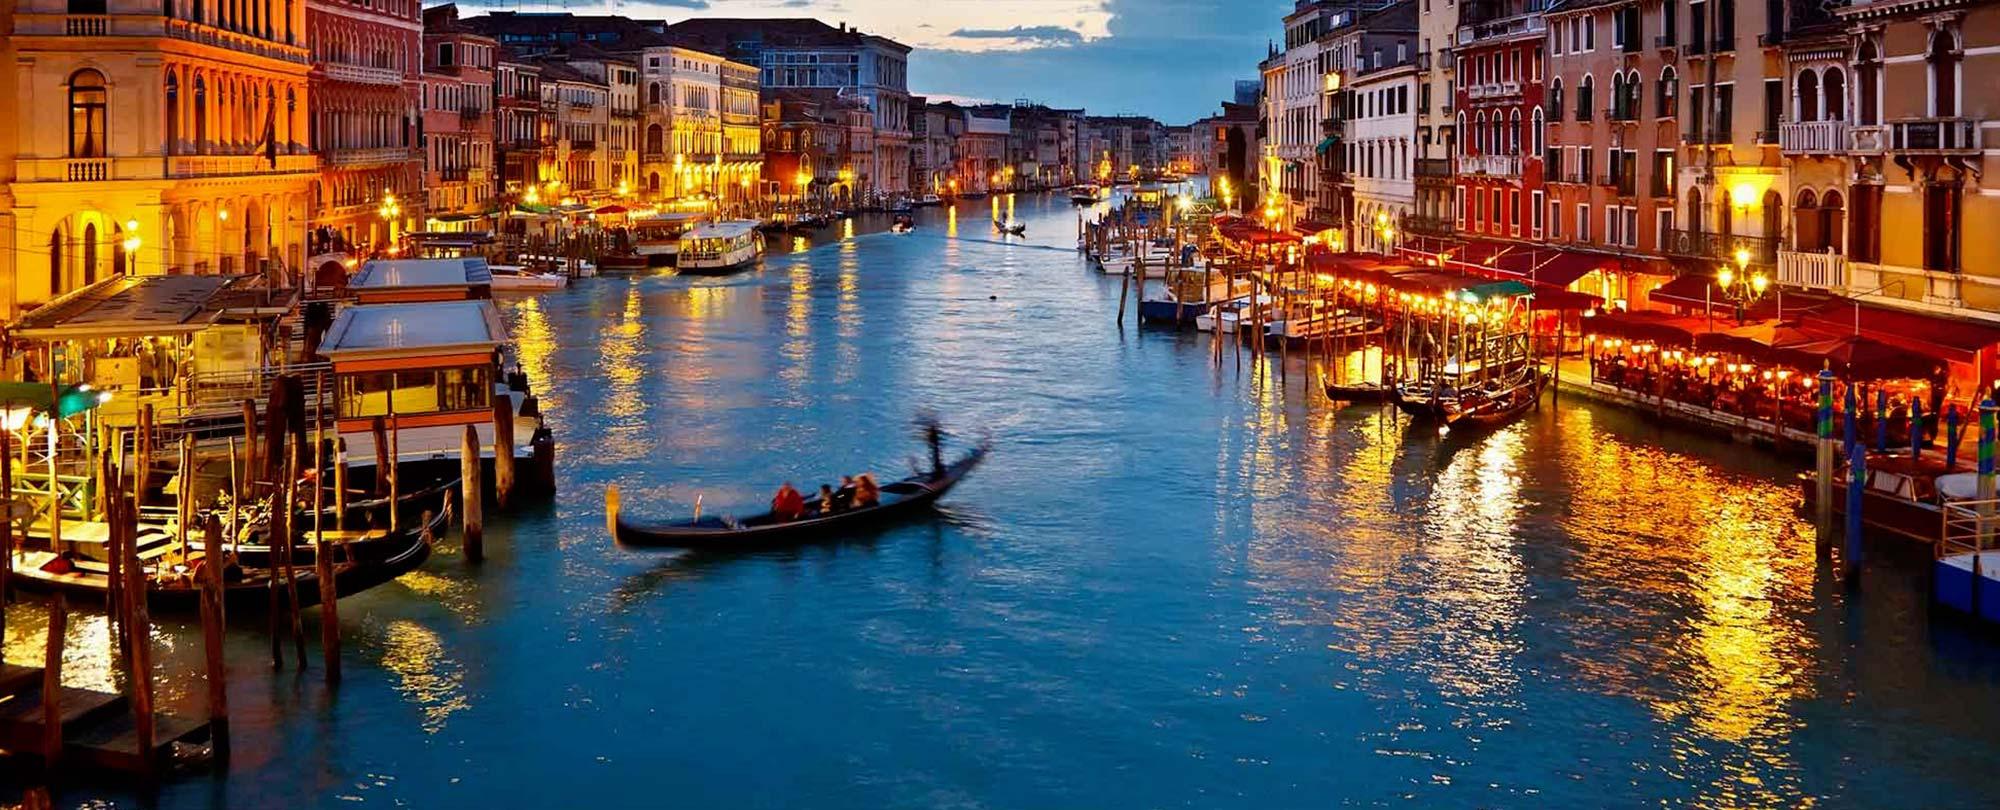 Dormire a venezia economico offerte hotel la rescossa for Soggiorno a venezia economico